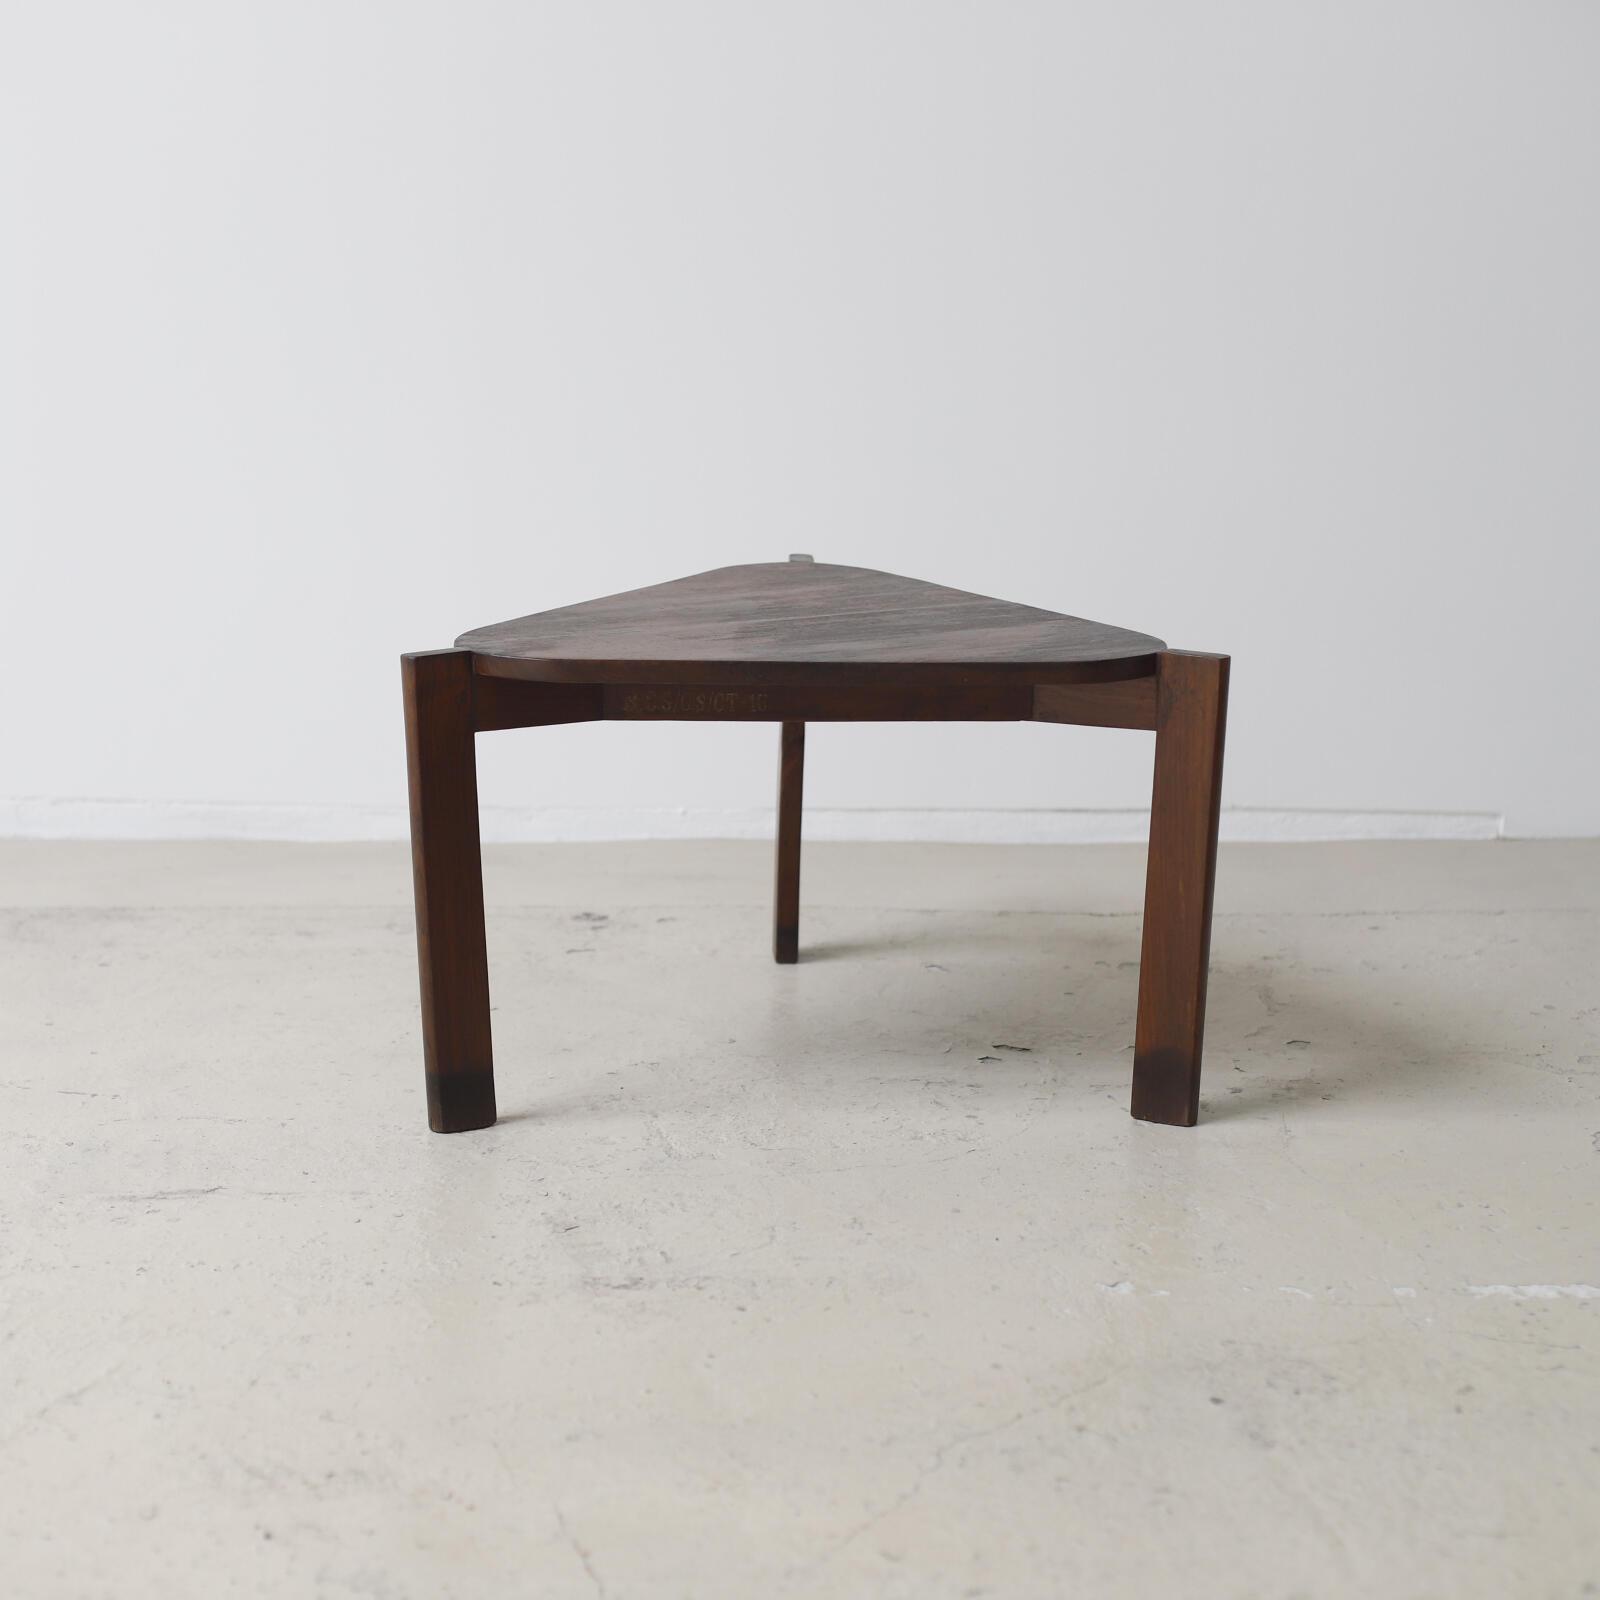 ピエール・ジャンヌレ コーヒーテーブル チャンディーガル